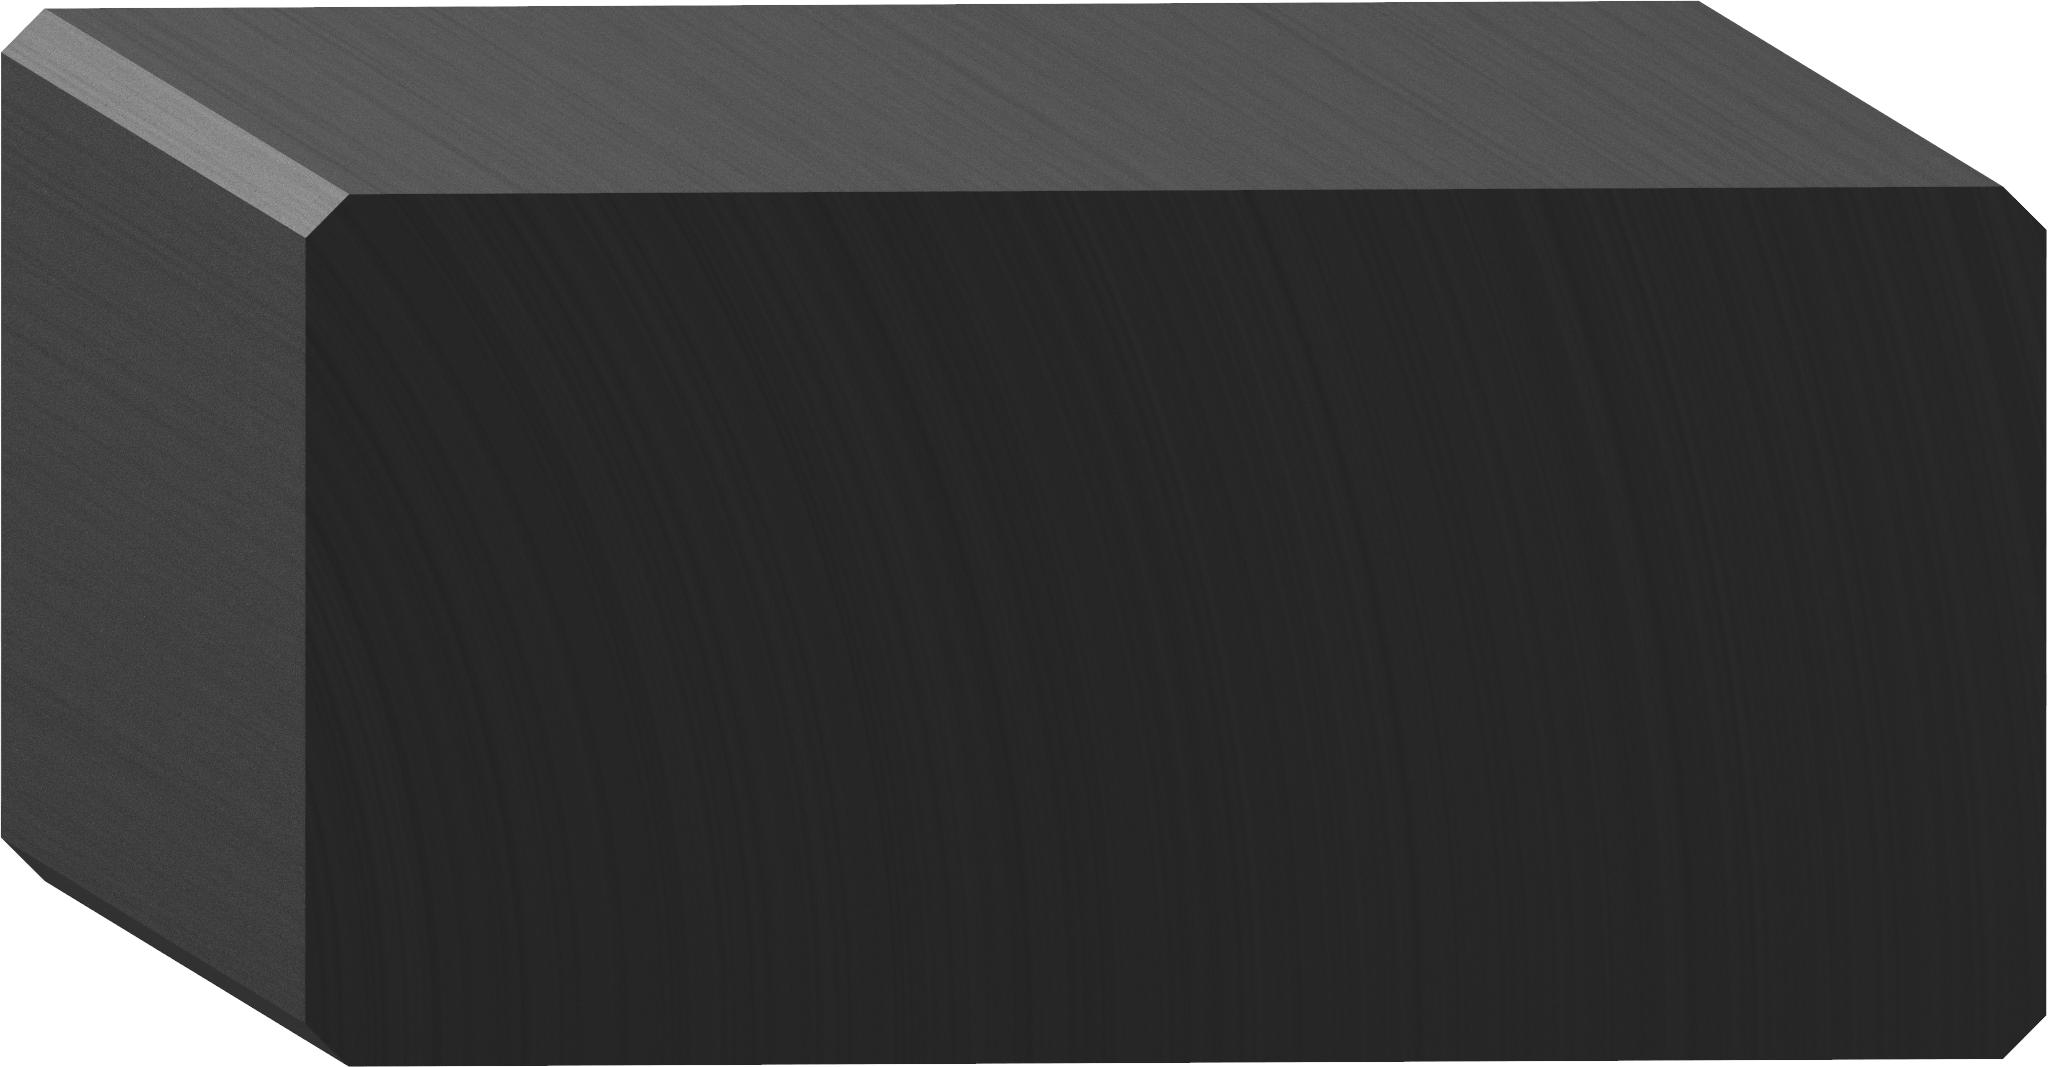 Uni-Grip part: SD-843